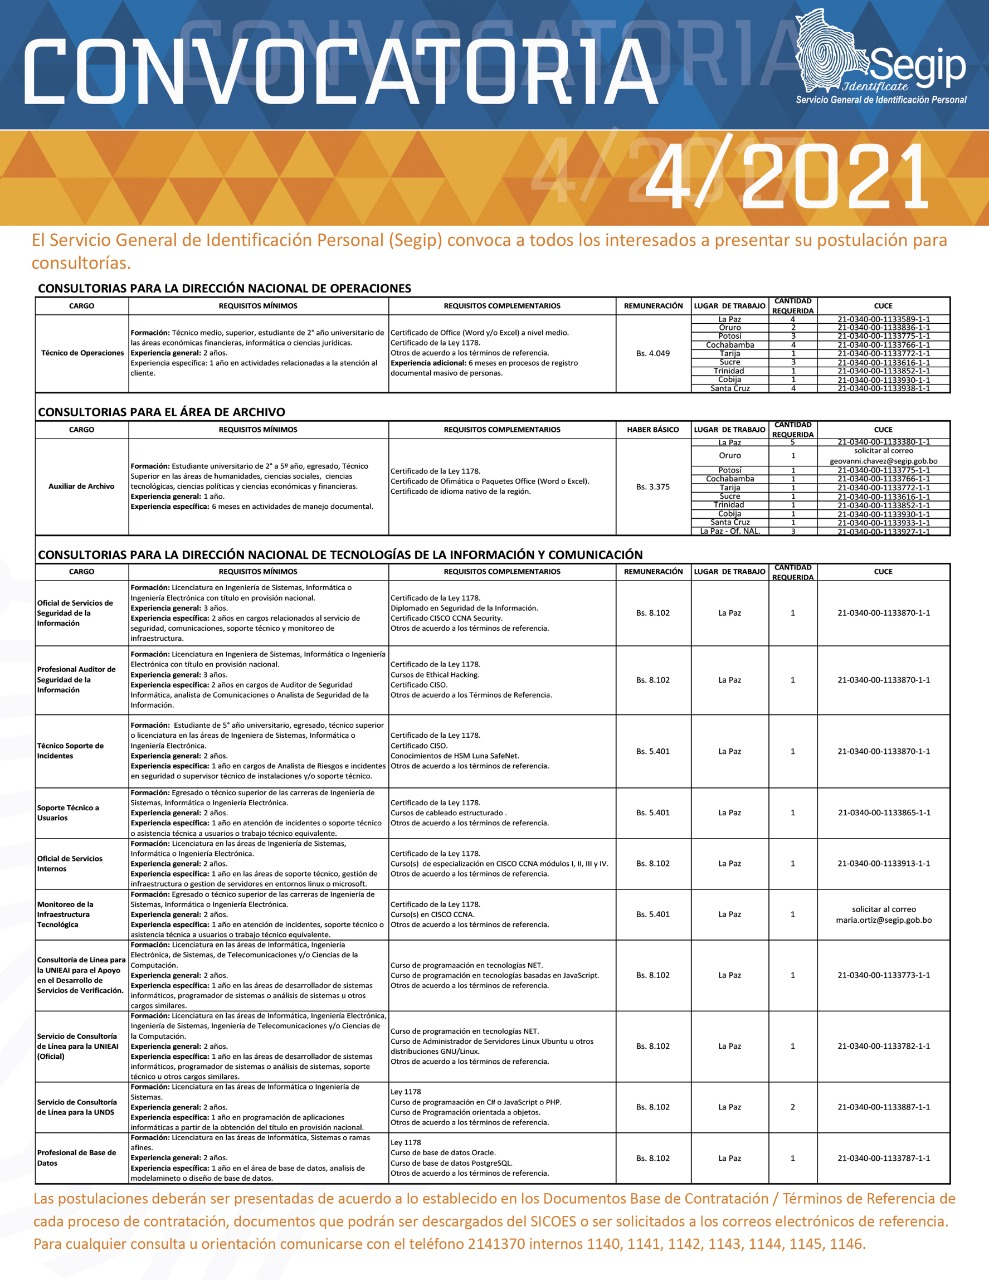 Convocatoria de personal 4/2021